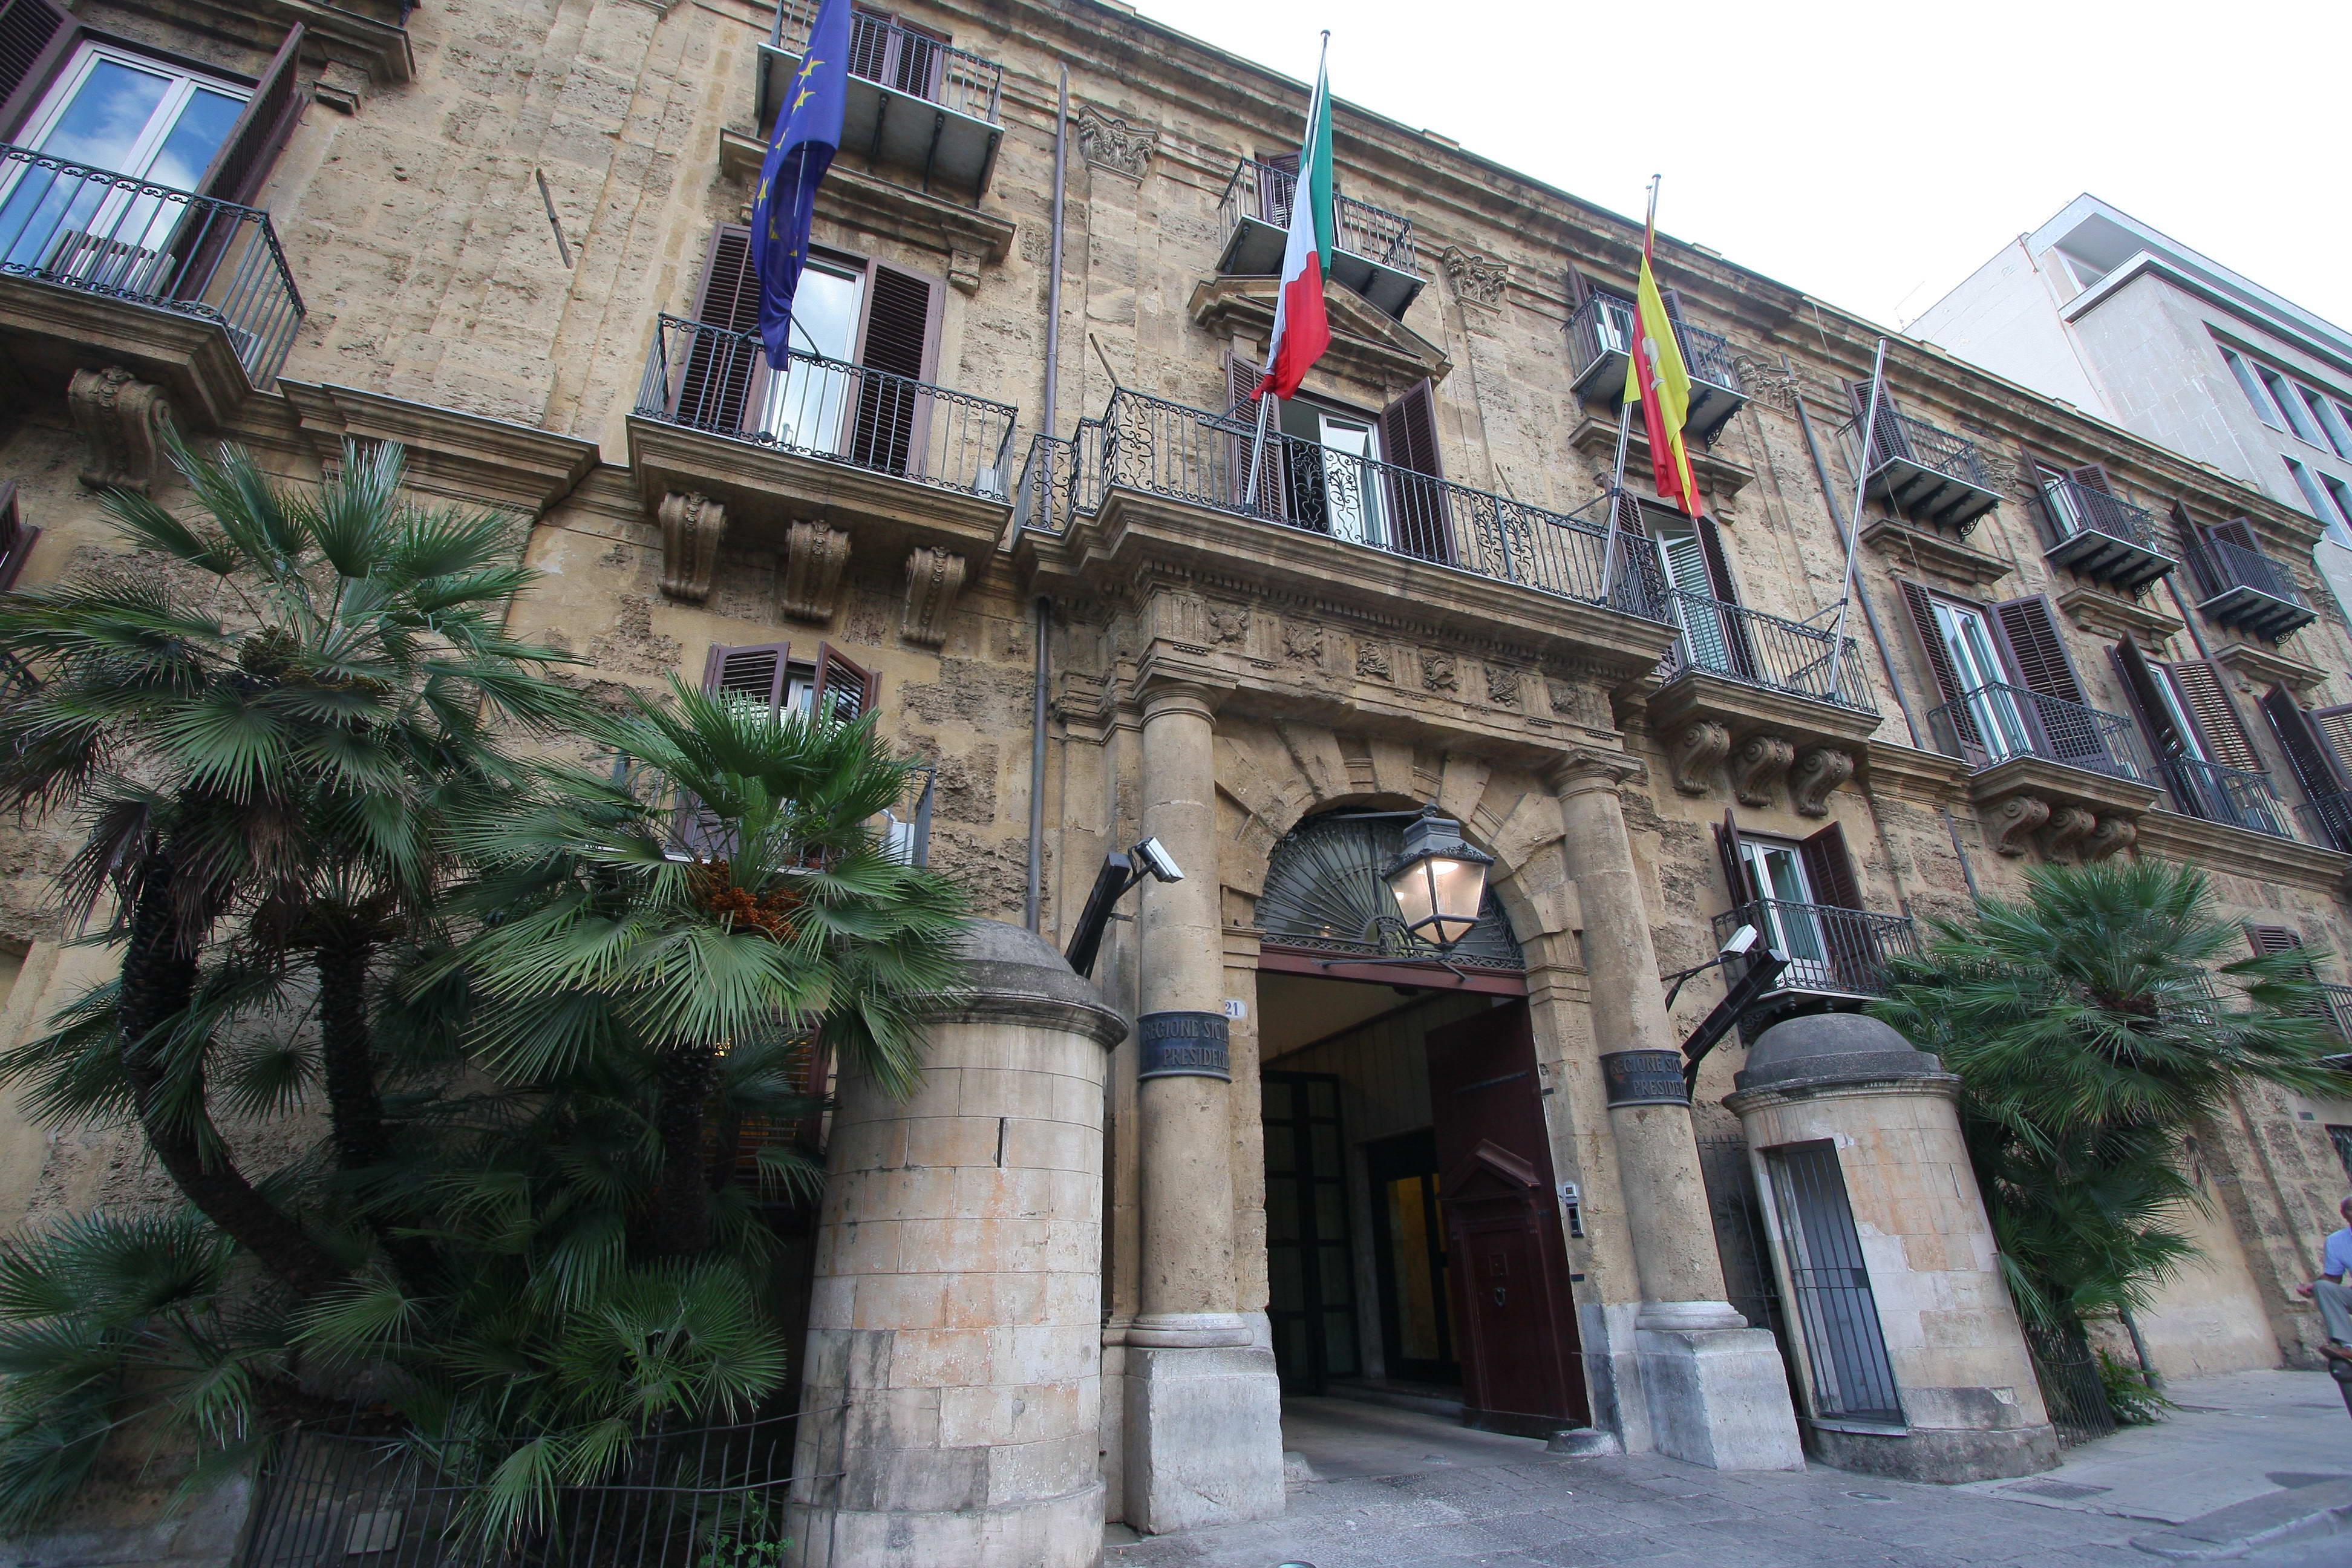 Regione: c'è il decreto del Governo Renzi sui 500 mln di Euro. Ma i soldi ancora non ci sono